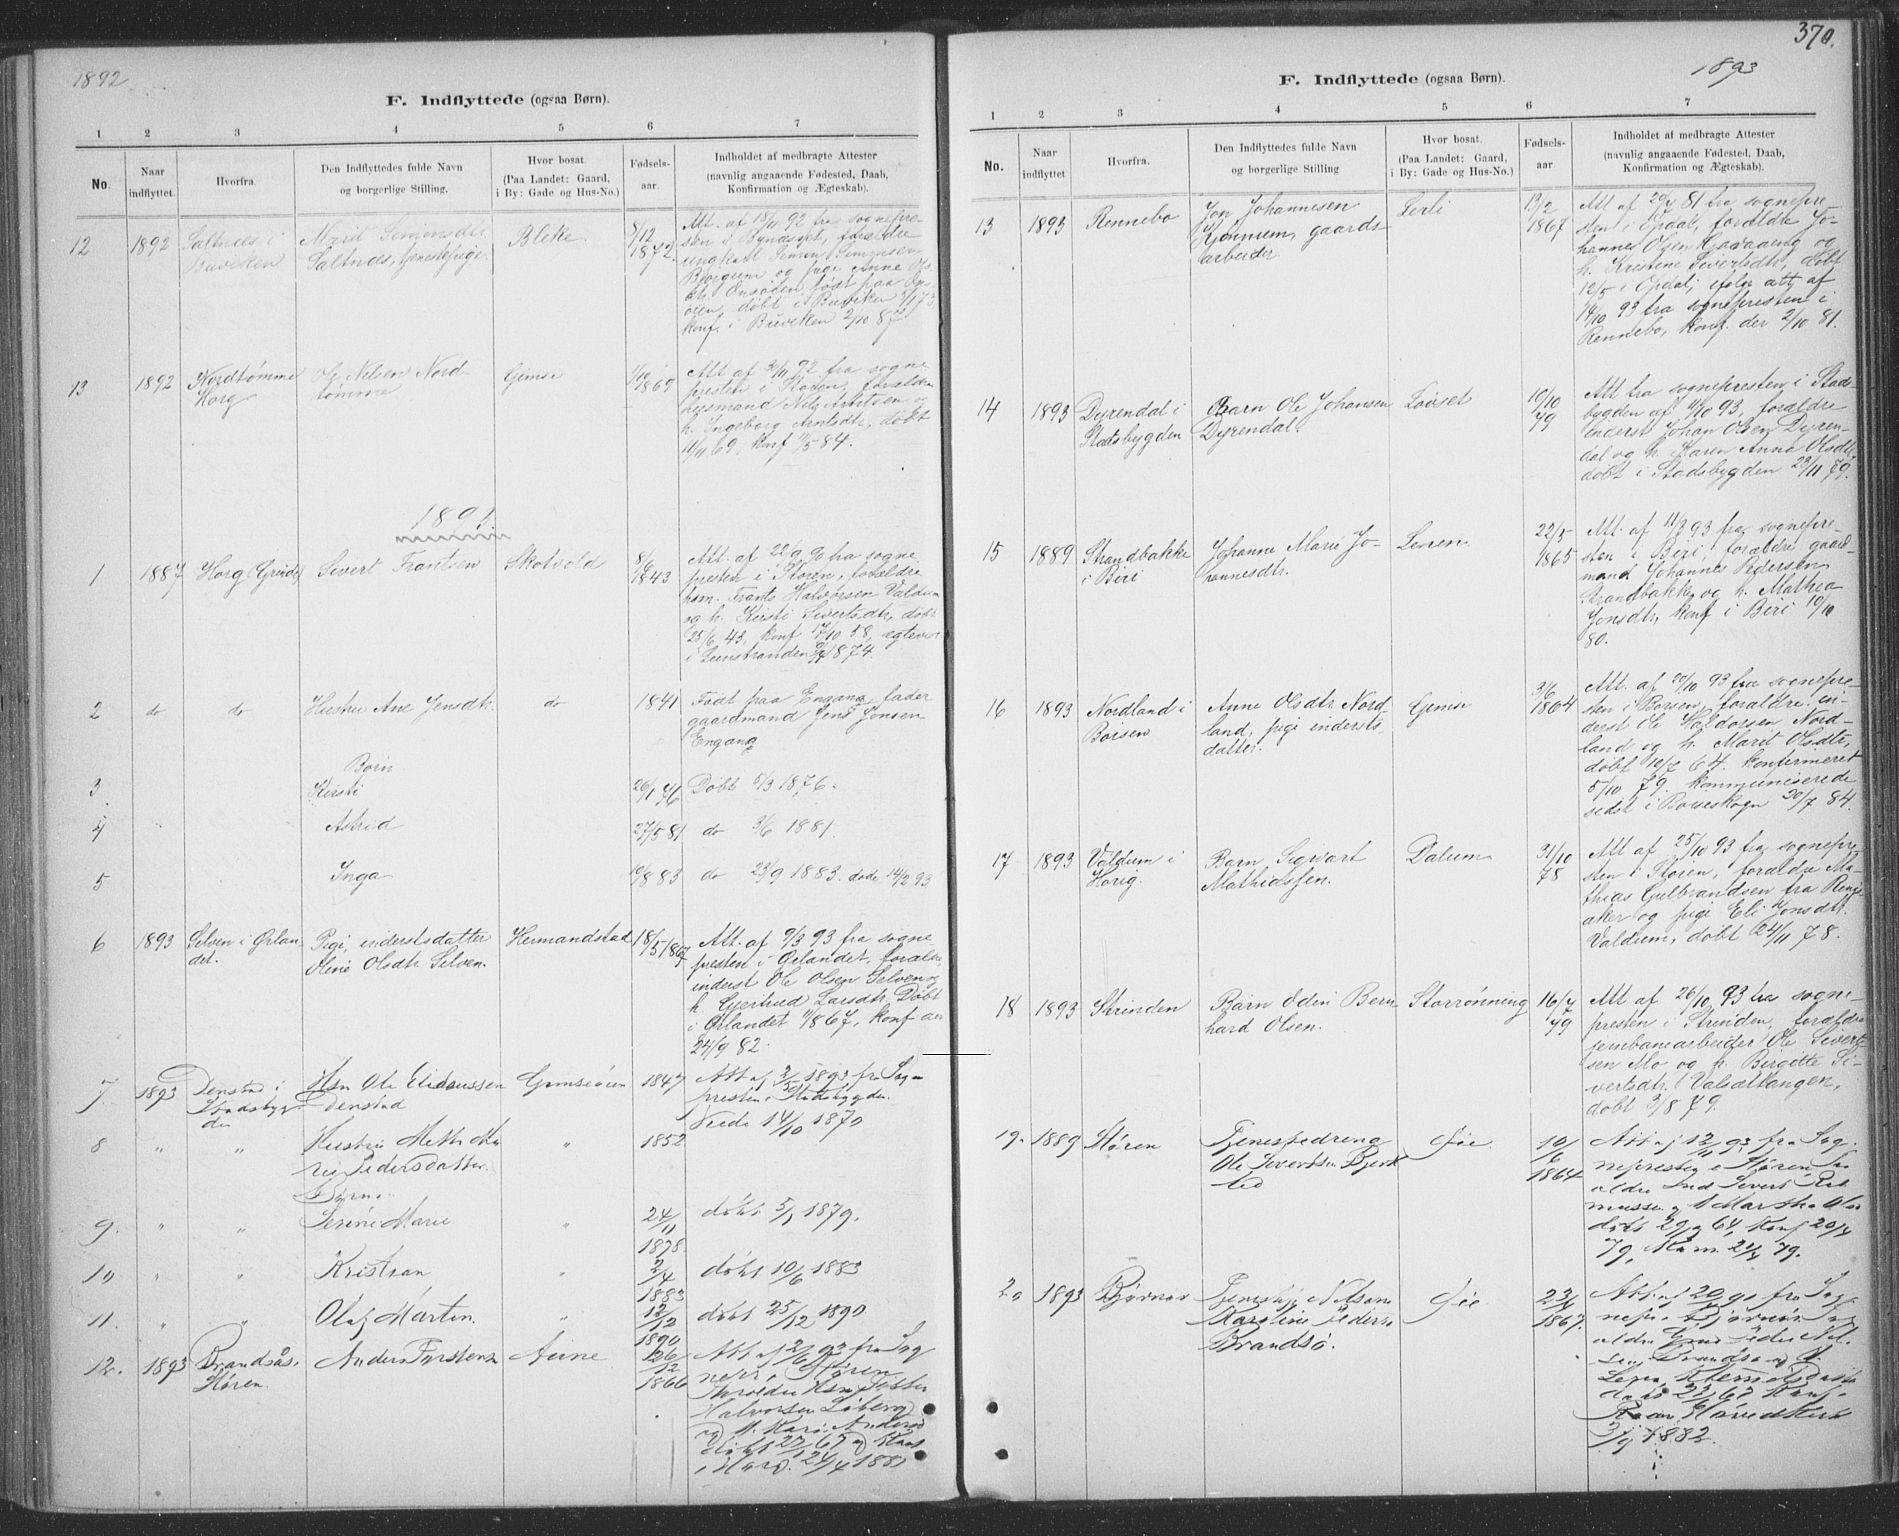 SAT, Ministerialprotokoller, klokkerbøker og fødselsregistre - Sør-Trøndelag, 691/L1085: Ministerialbok nr. 691A17, 1887-1908, s. 370